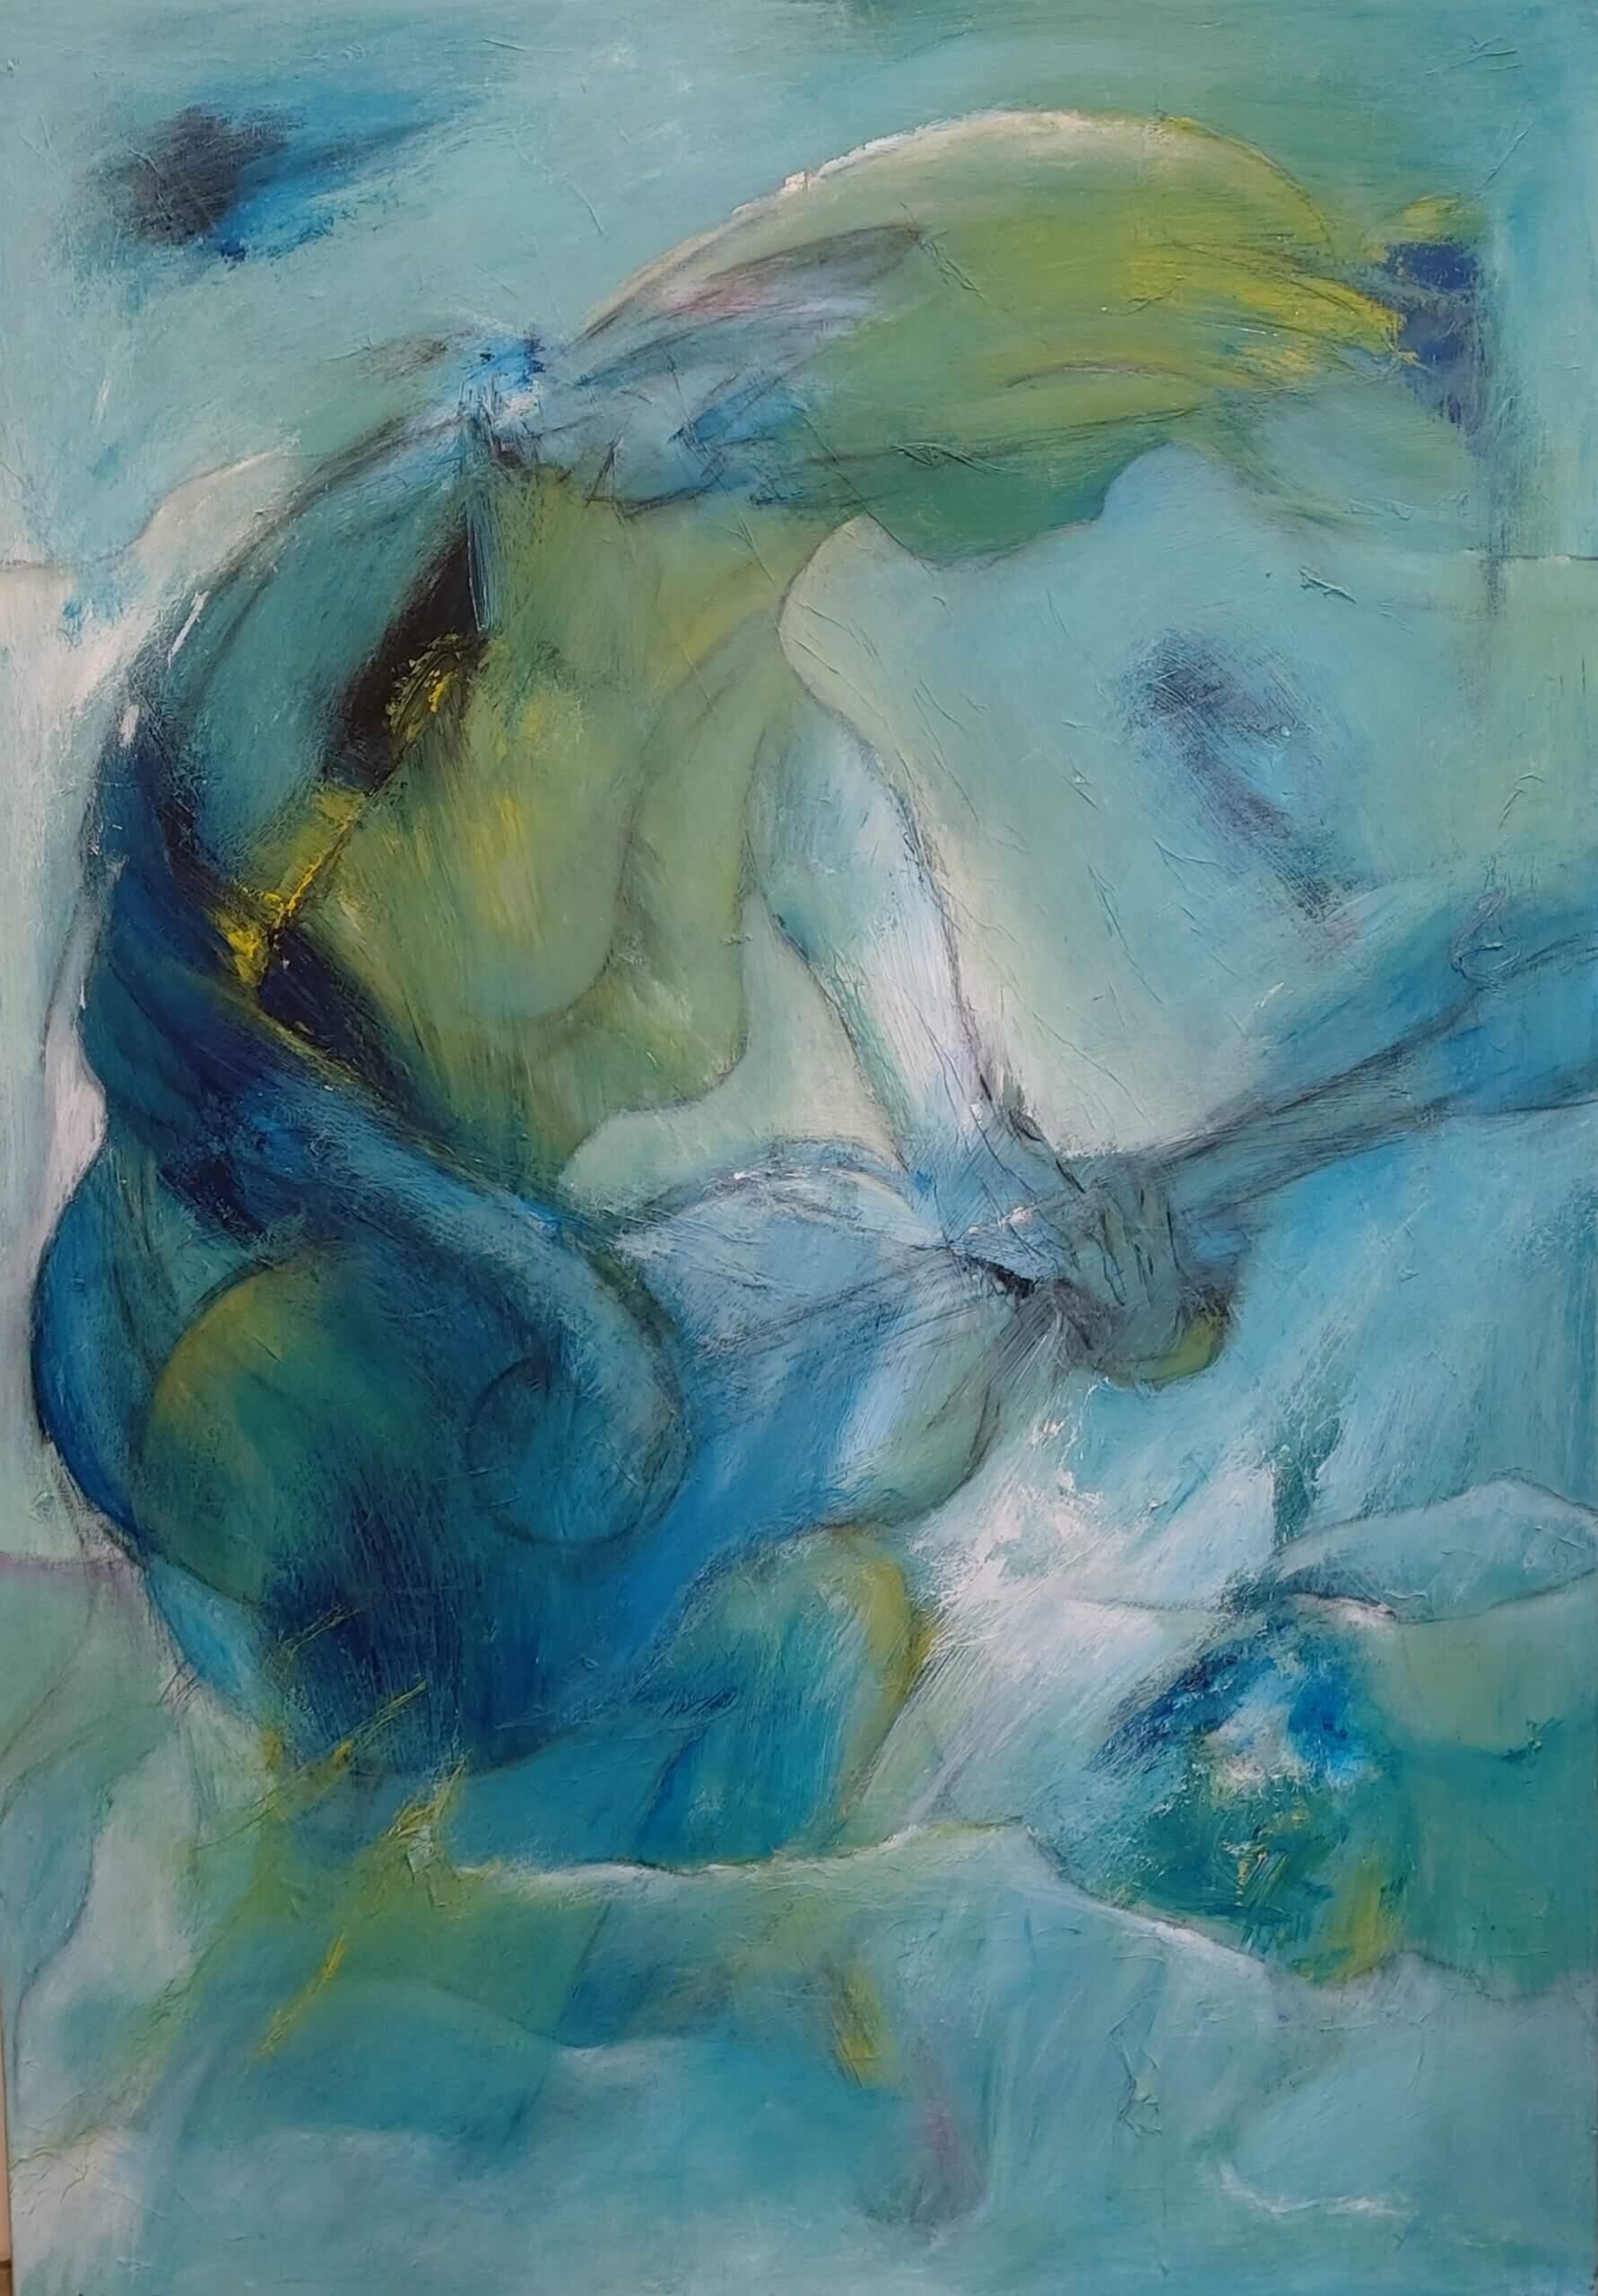 musik og nærvær maleri af Gunhild Rasmussen kan ses i kunst i pinsen